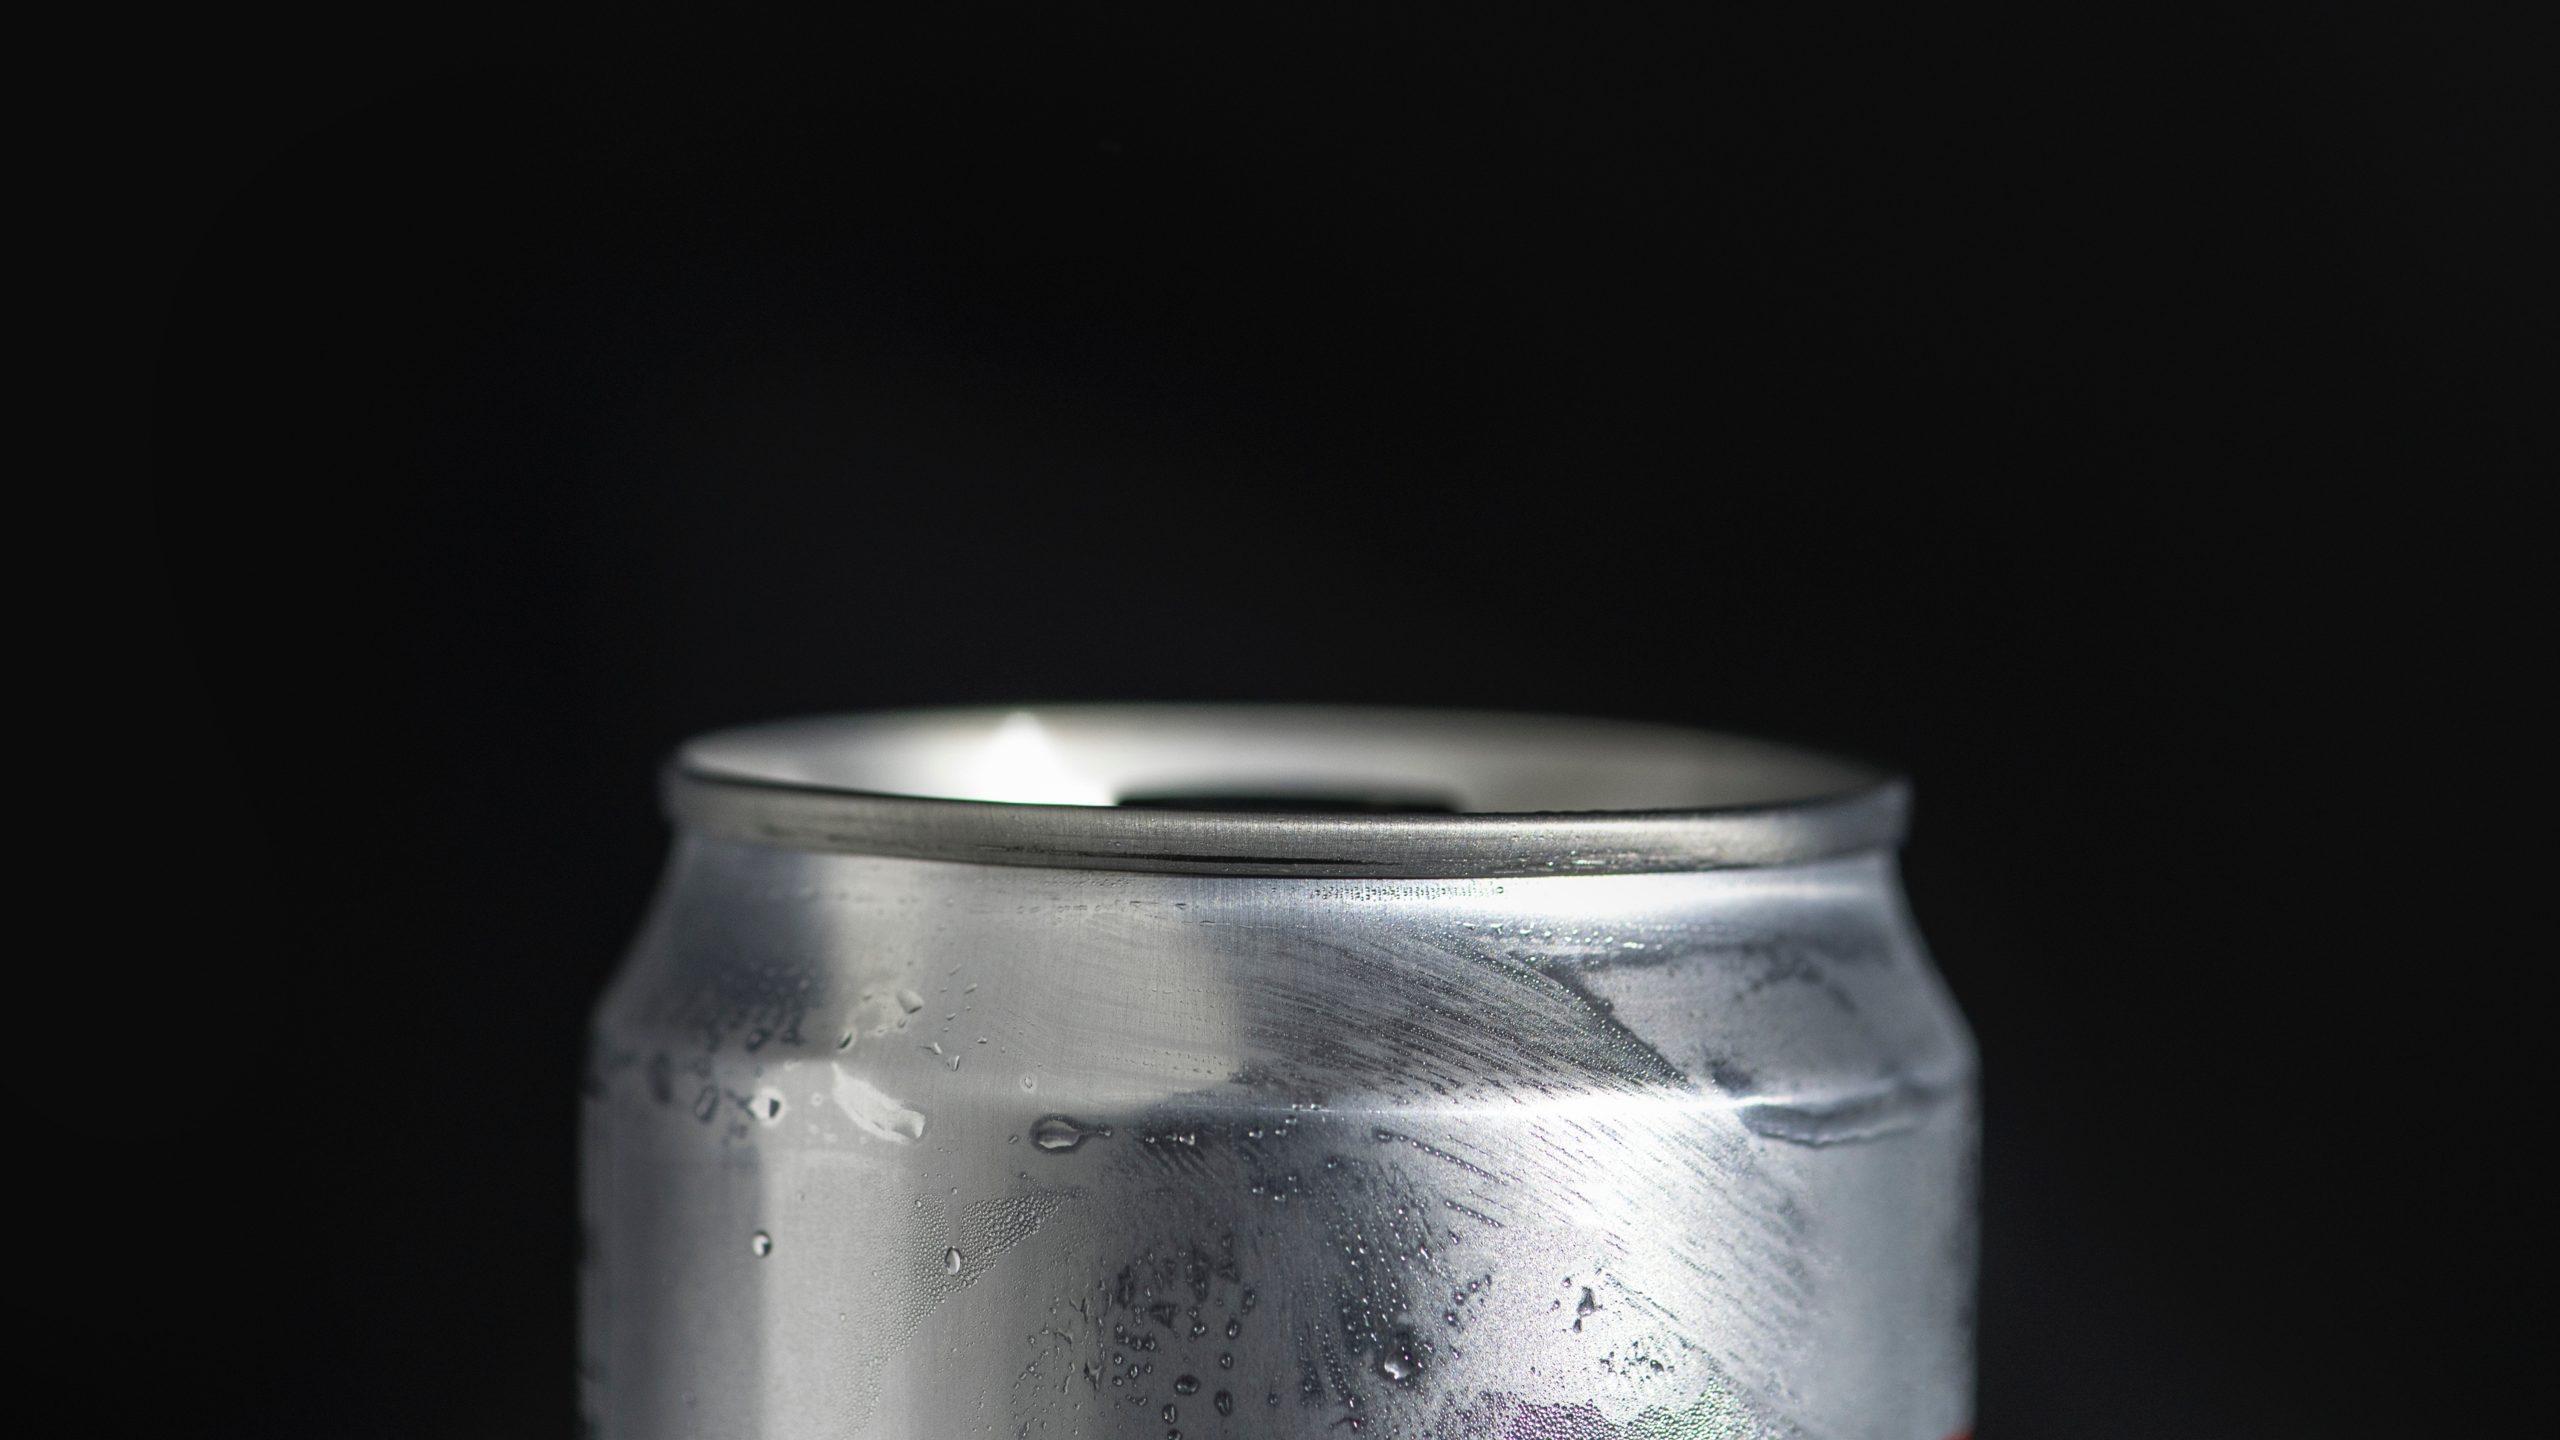 จ่อรีดภาษี 'เบียร์ 0%' ป้องกันนักดื่มหน้าใหม่-สร้างความเป็นธรรมในระบบภาษี